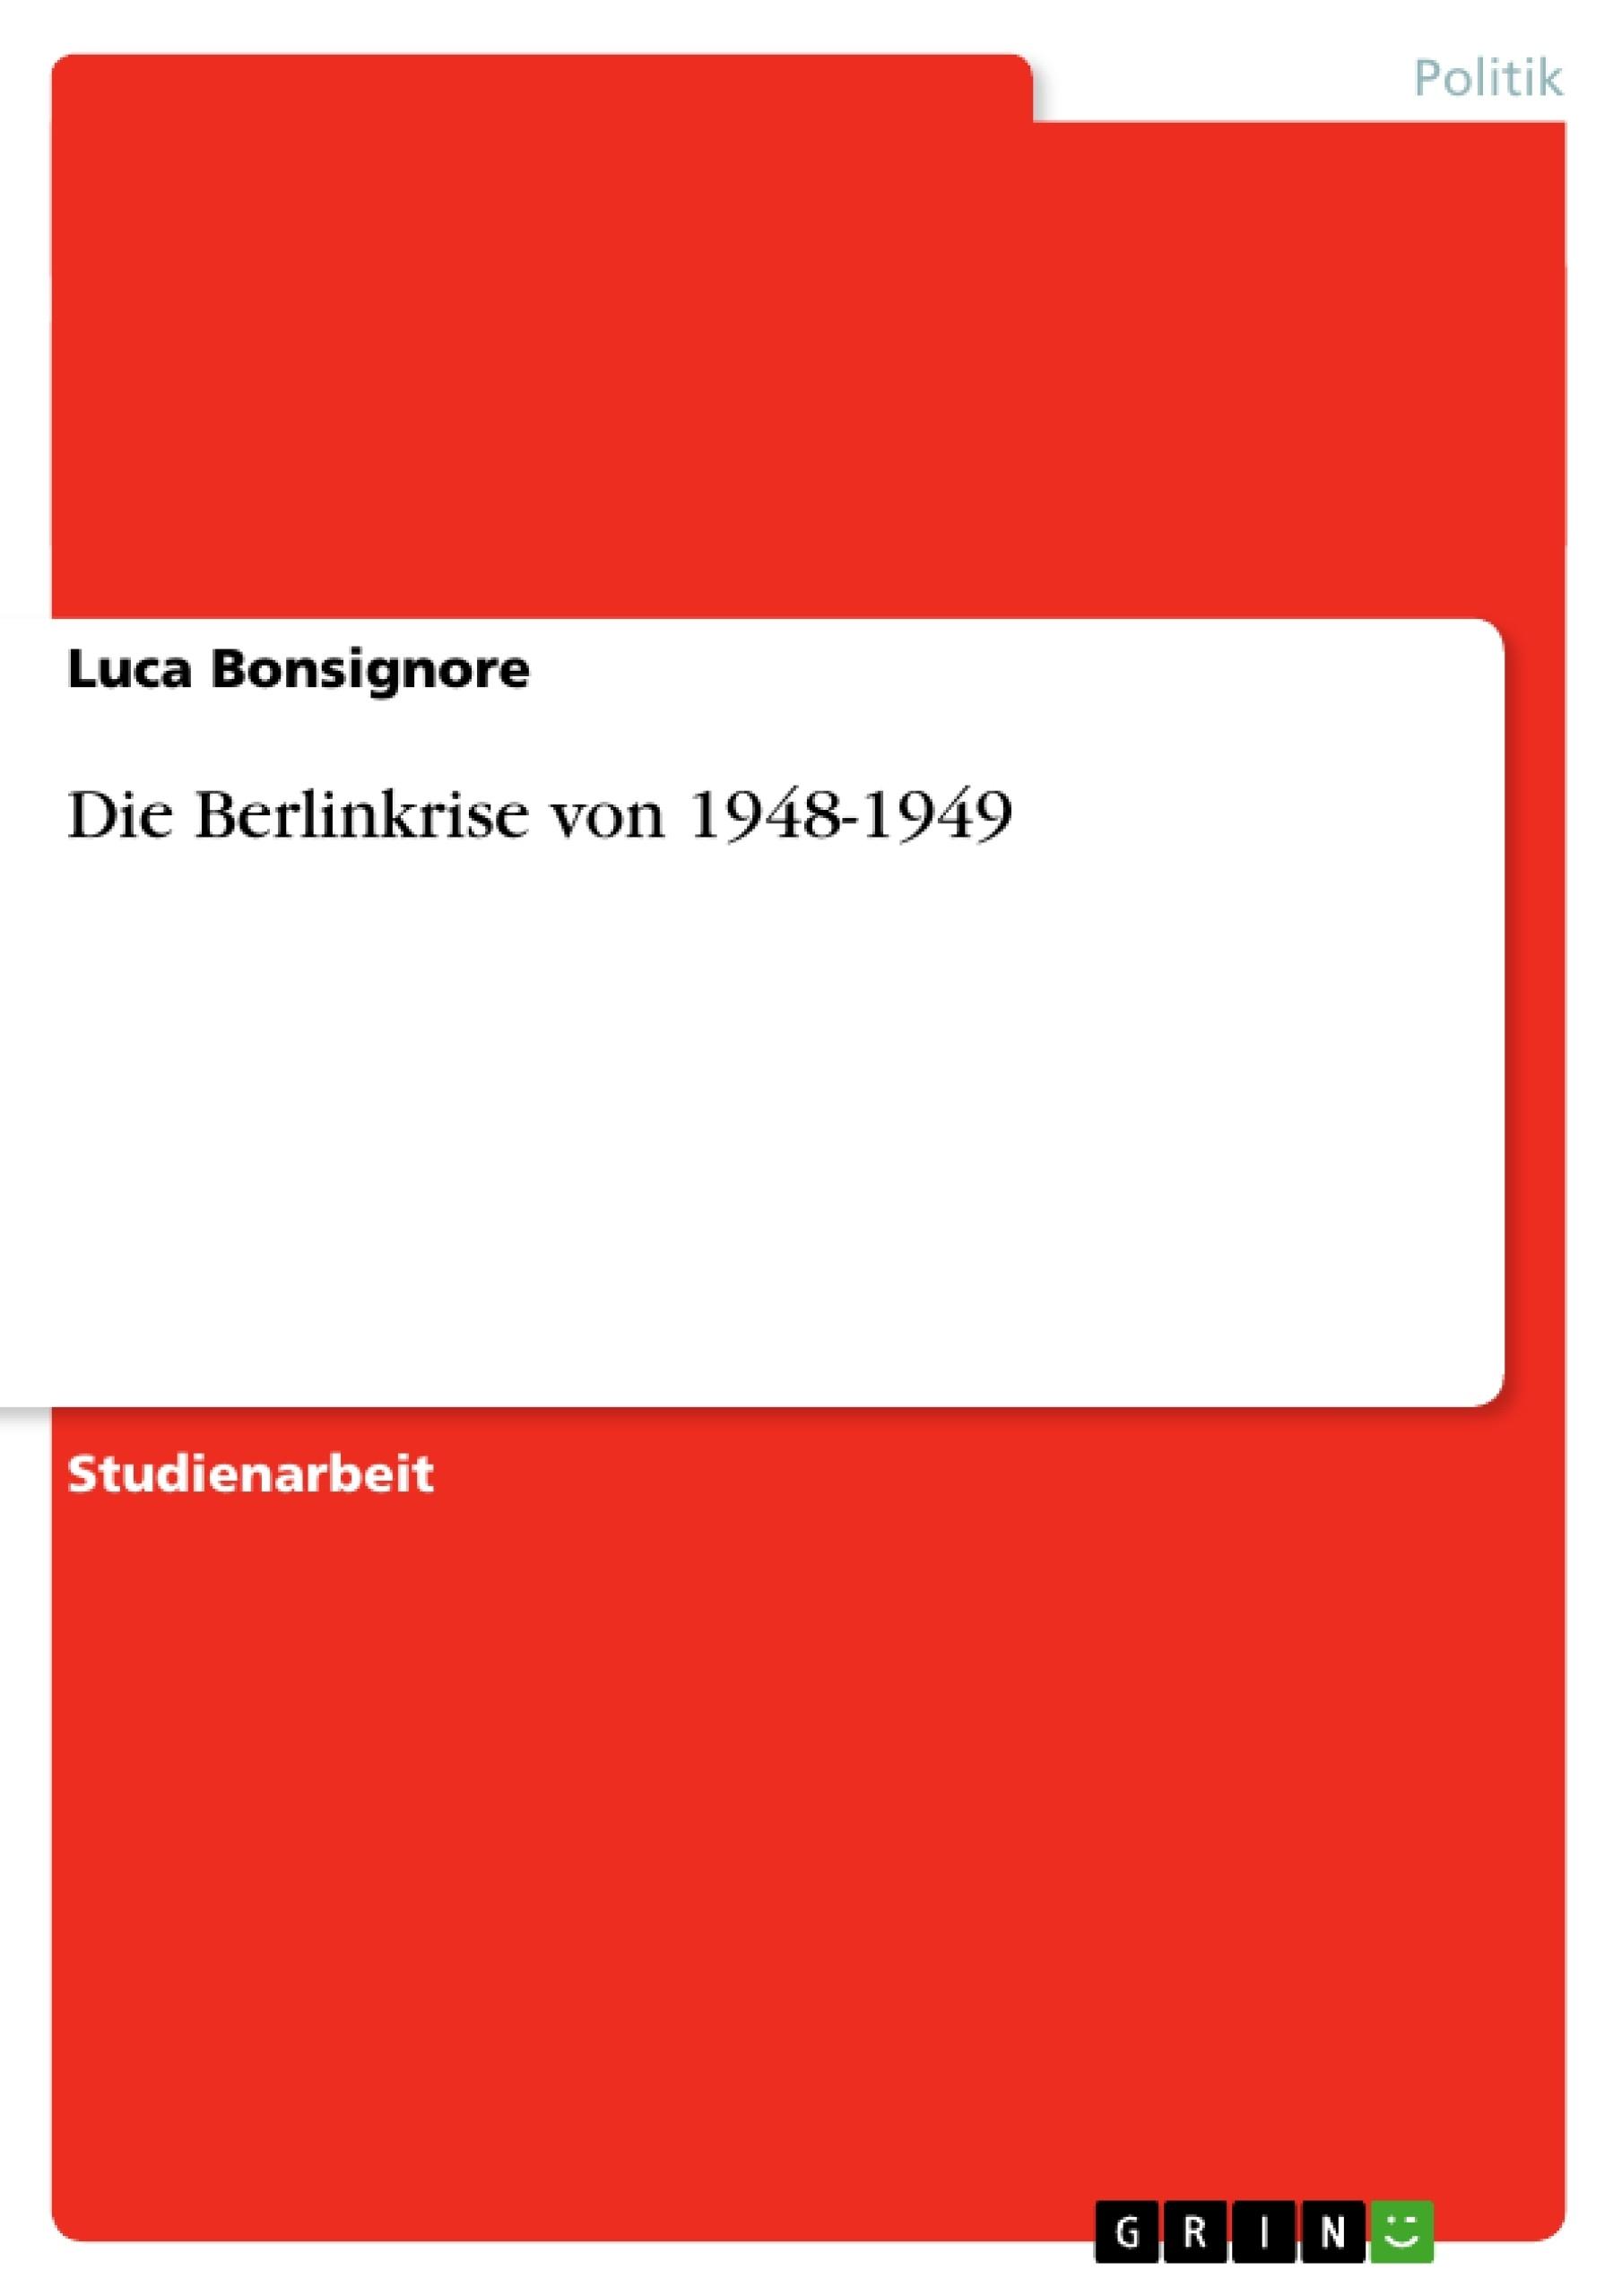 Titel: Die Berlinkrise von 1948-1949